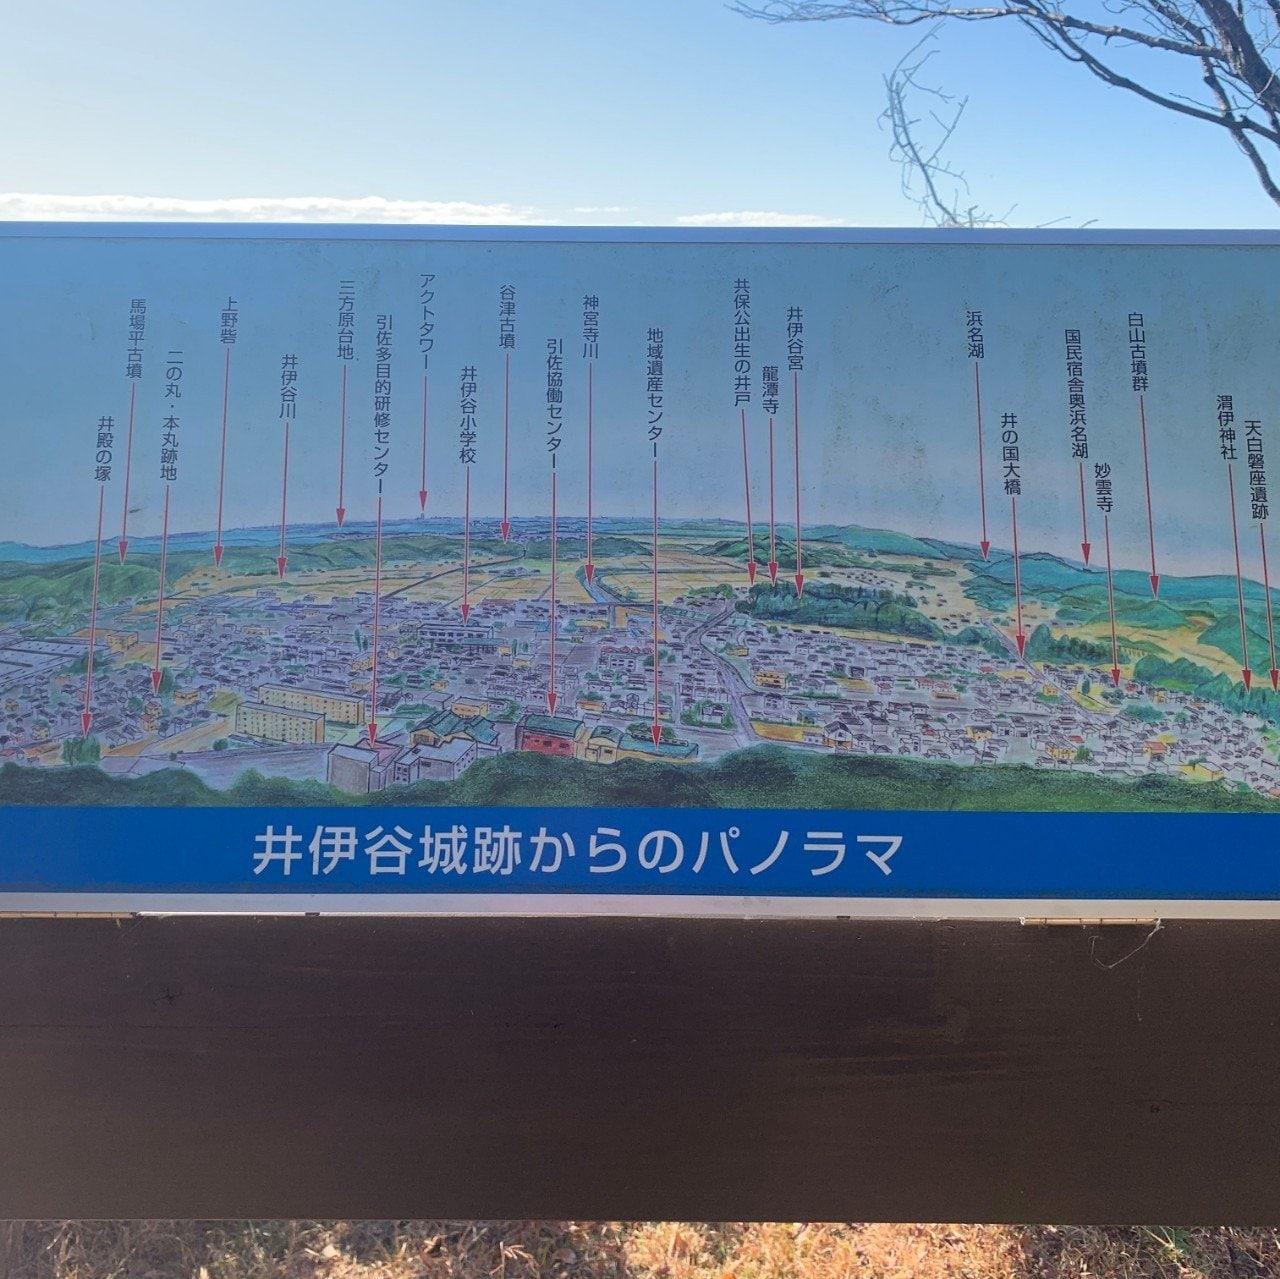 井伊谷城跡(城山公園)(いいのやじょうあと)/✿とても見晴らしが良い場所♪/いなさマップ「ほ」のイメージその1